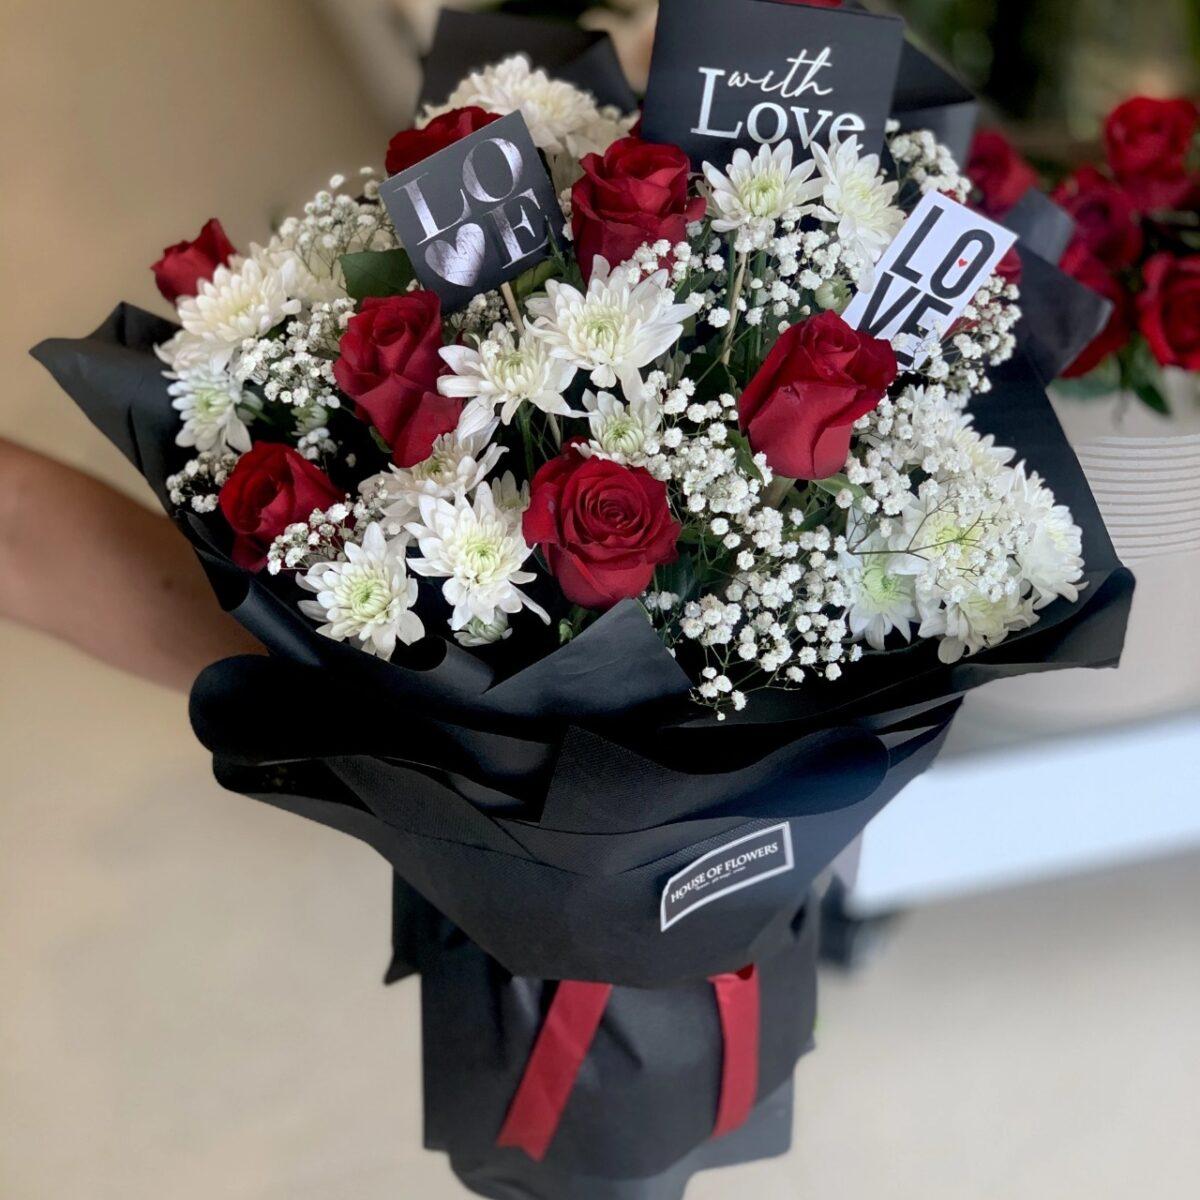 Best Flower Website in Pakistan - FromYouFlowers.pk